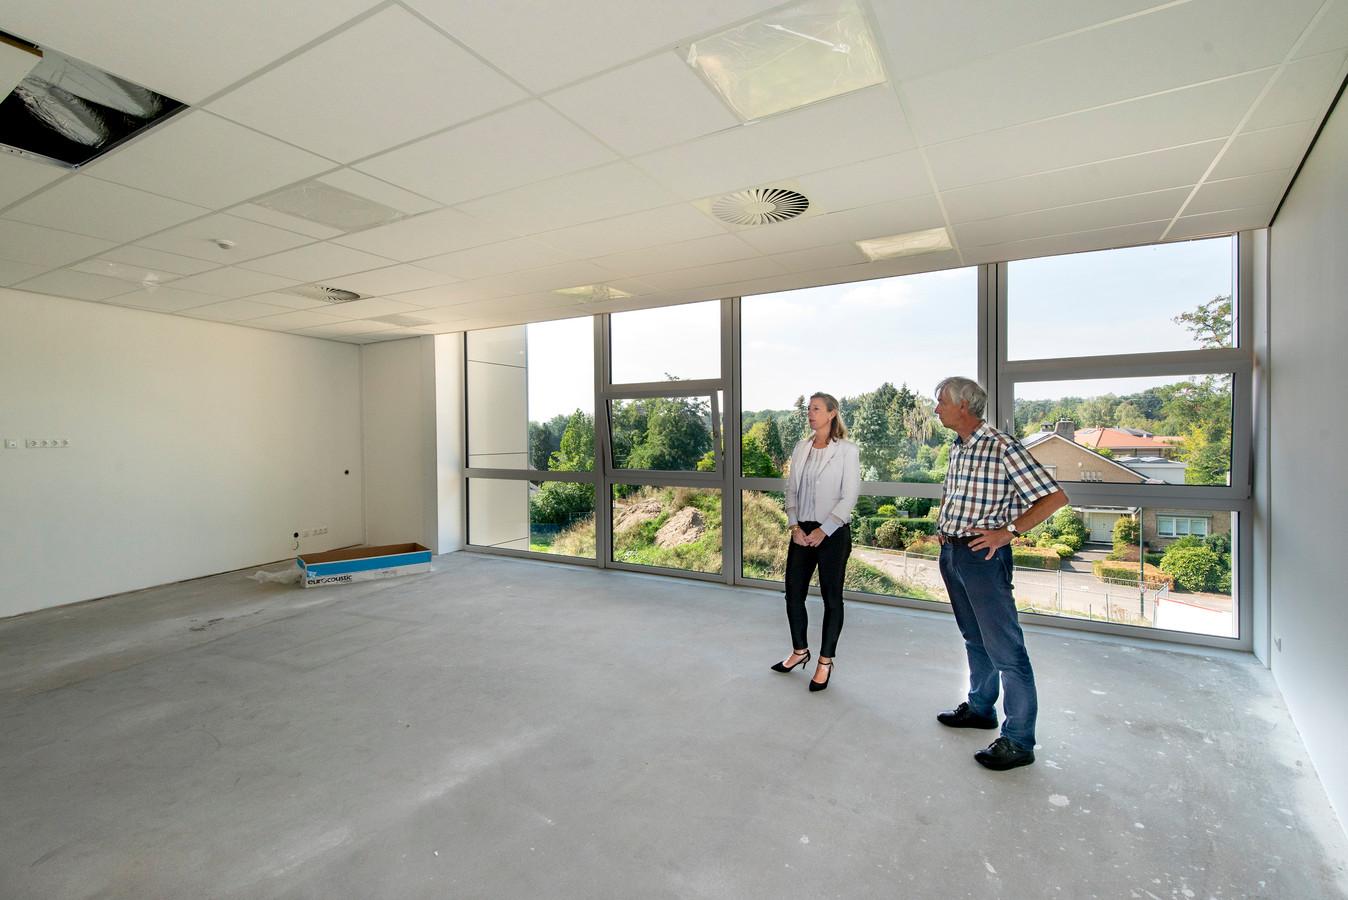 De wethouders Marieke Albricht en Anton Logemann in een van de klaslokalen, met uitzicht over het Rozendaalse glooiende groen.